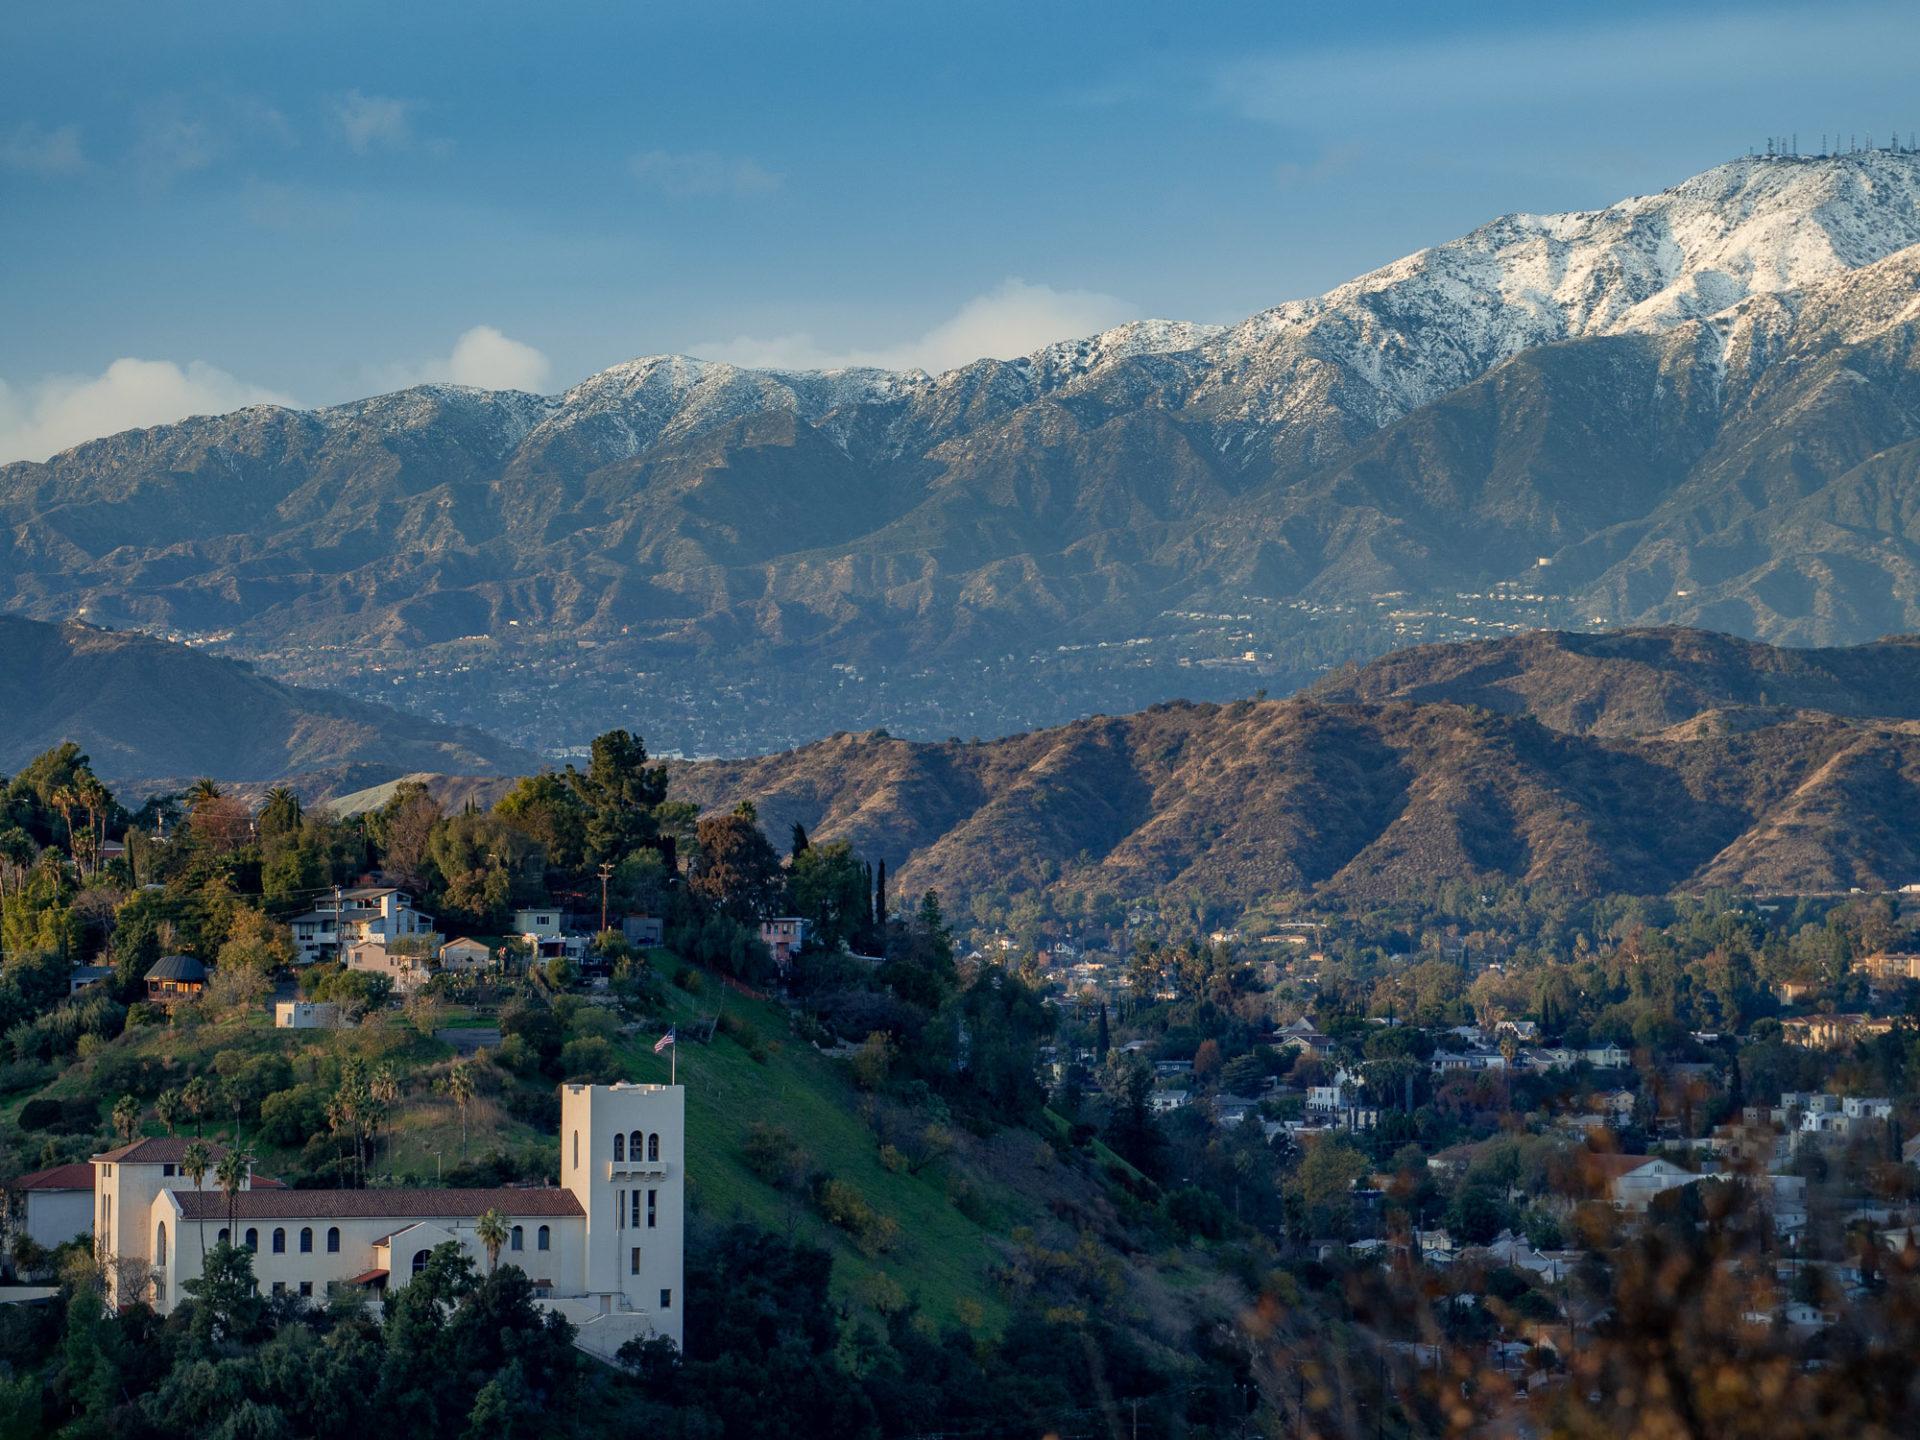 Mt Washington, Los Angeles, CA